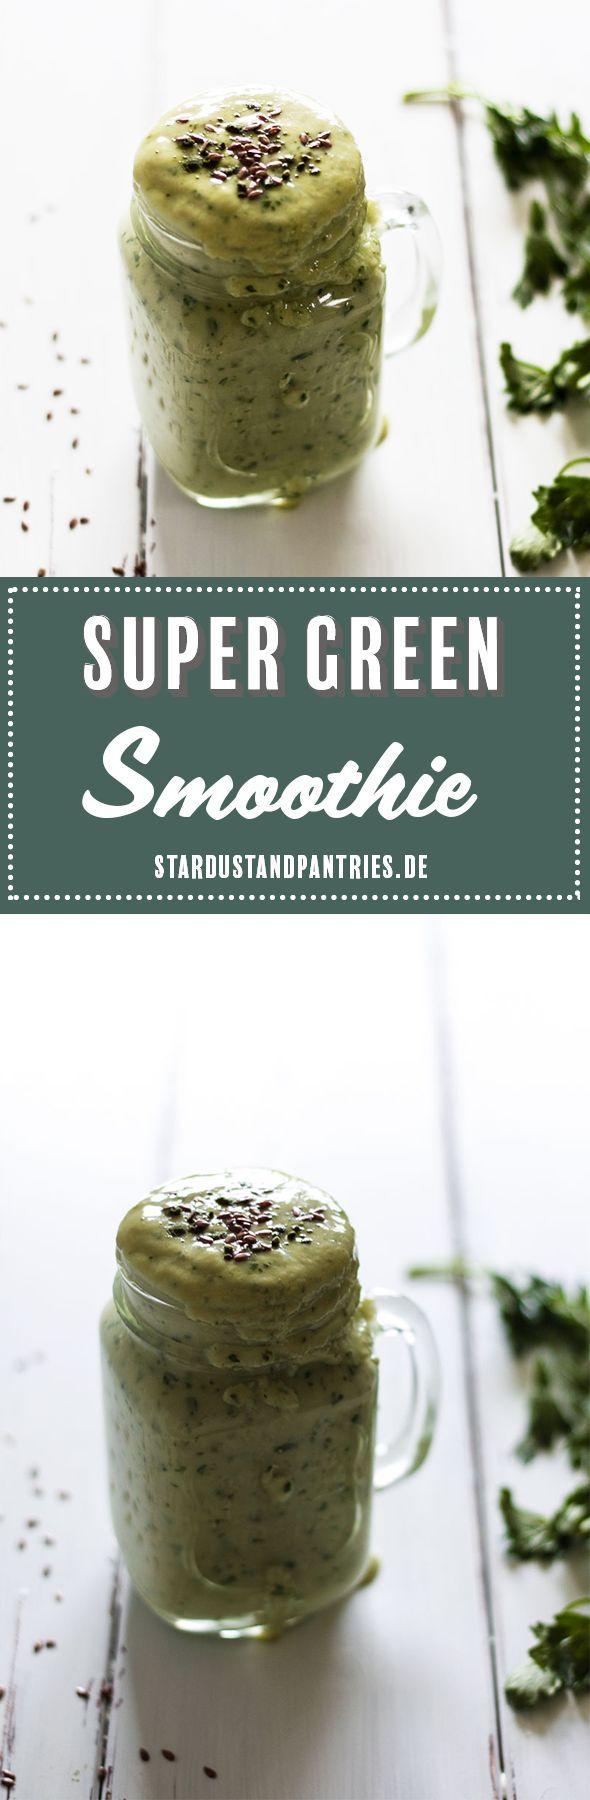 Super grüner Smoothie - vegan, lactosefrei und super gesund. Grüner Smoothie als gesundes Frühstück oder gesunder Snack